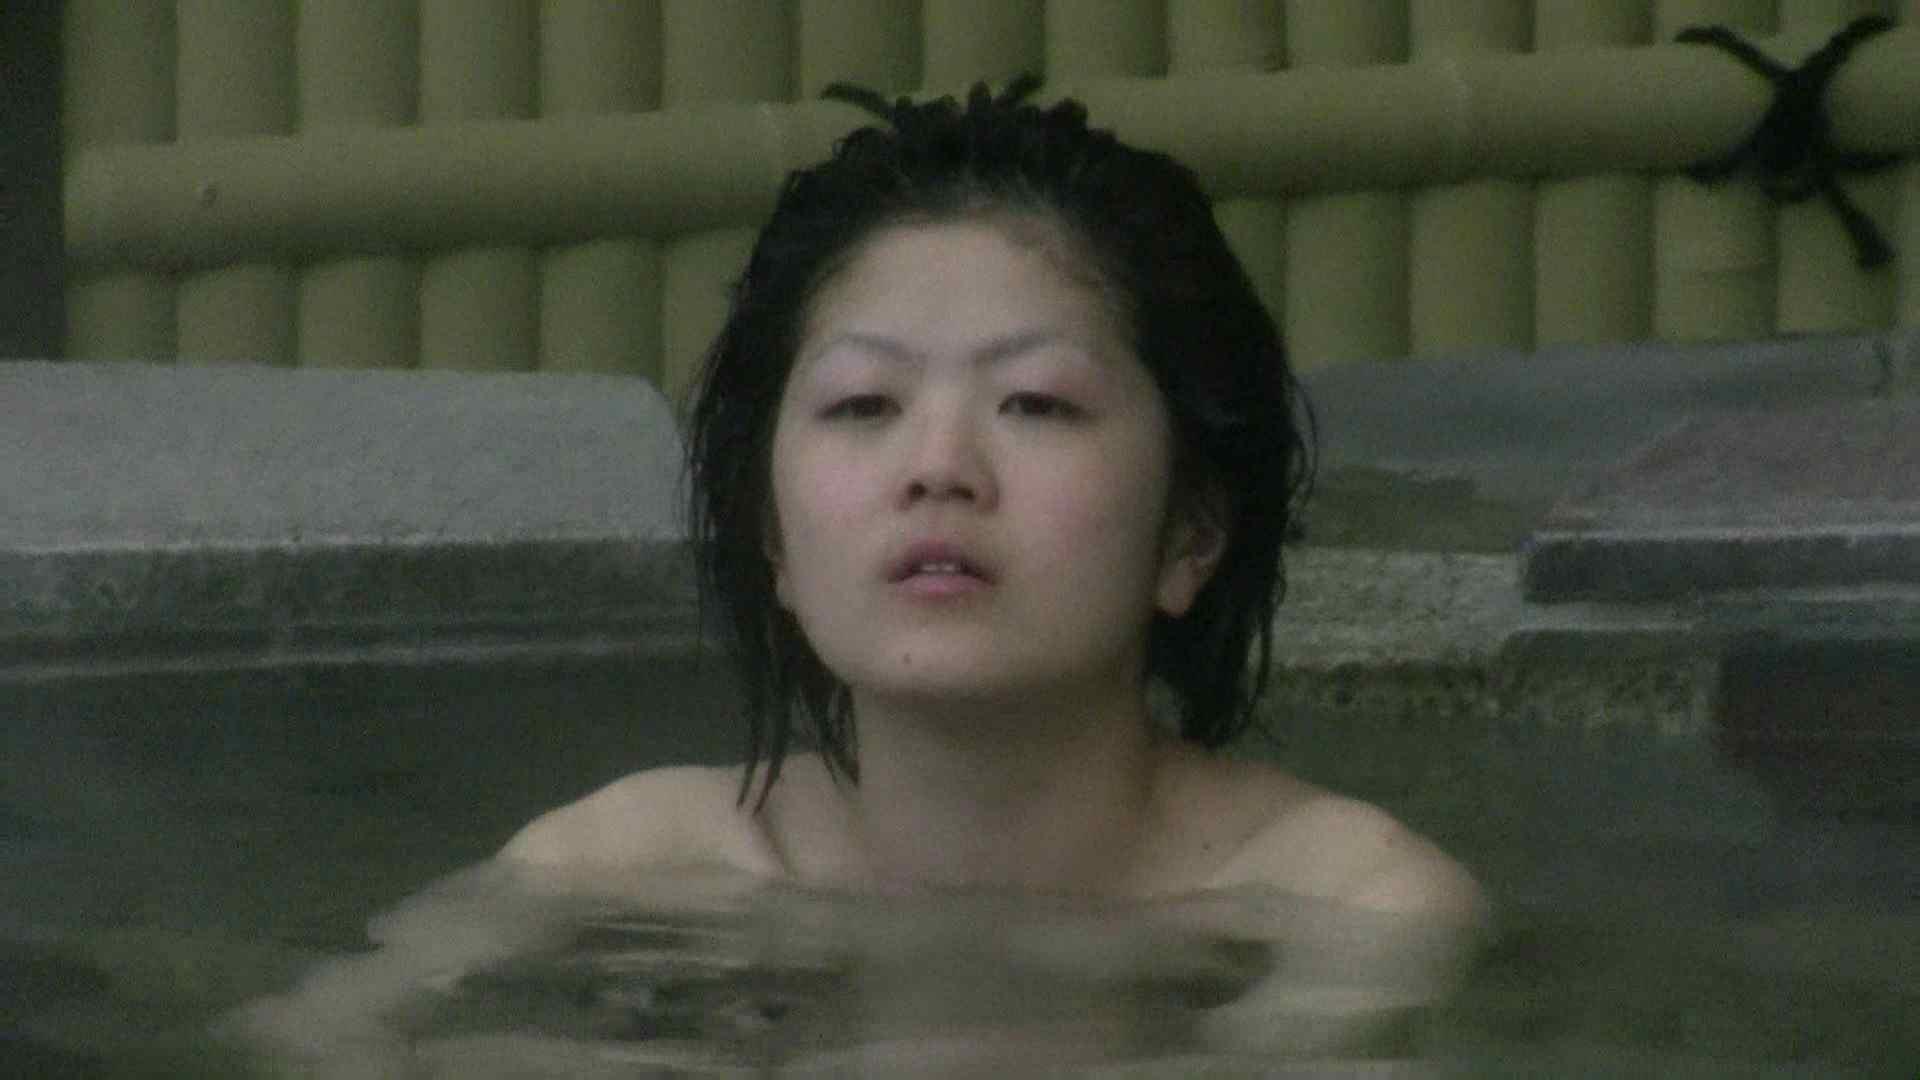 Aquaな露天風呂Vol.538 OLのエロ生活   盗撮  90連発 43